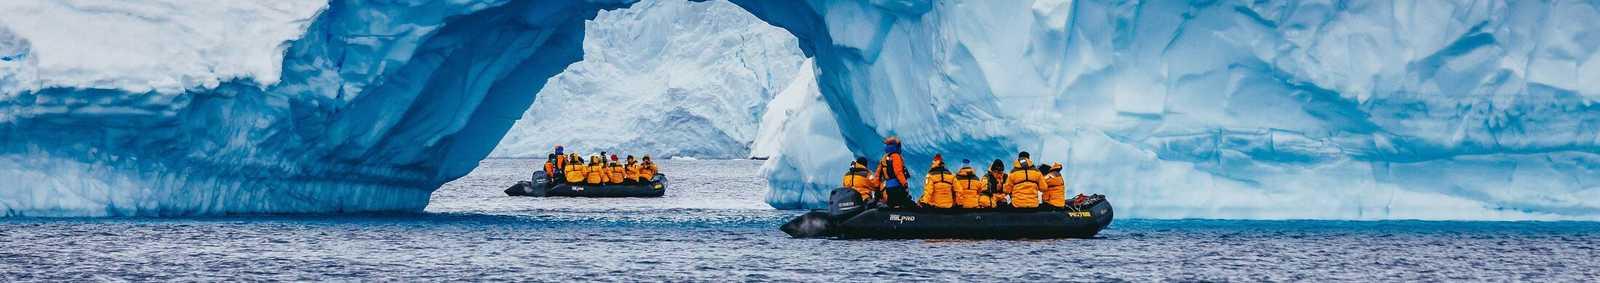 zodiac boats and iceberg